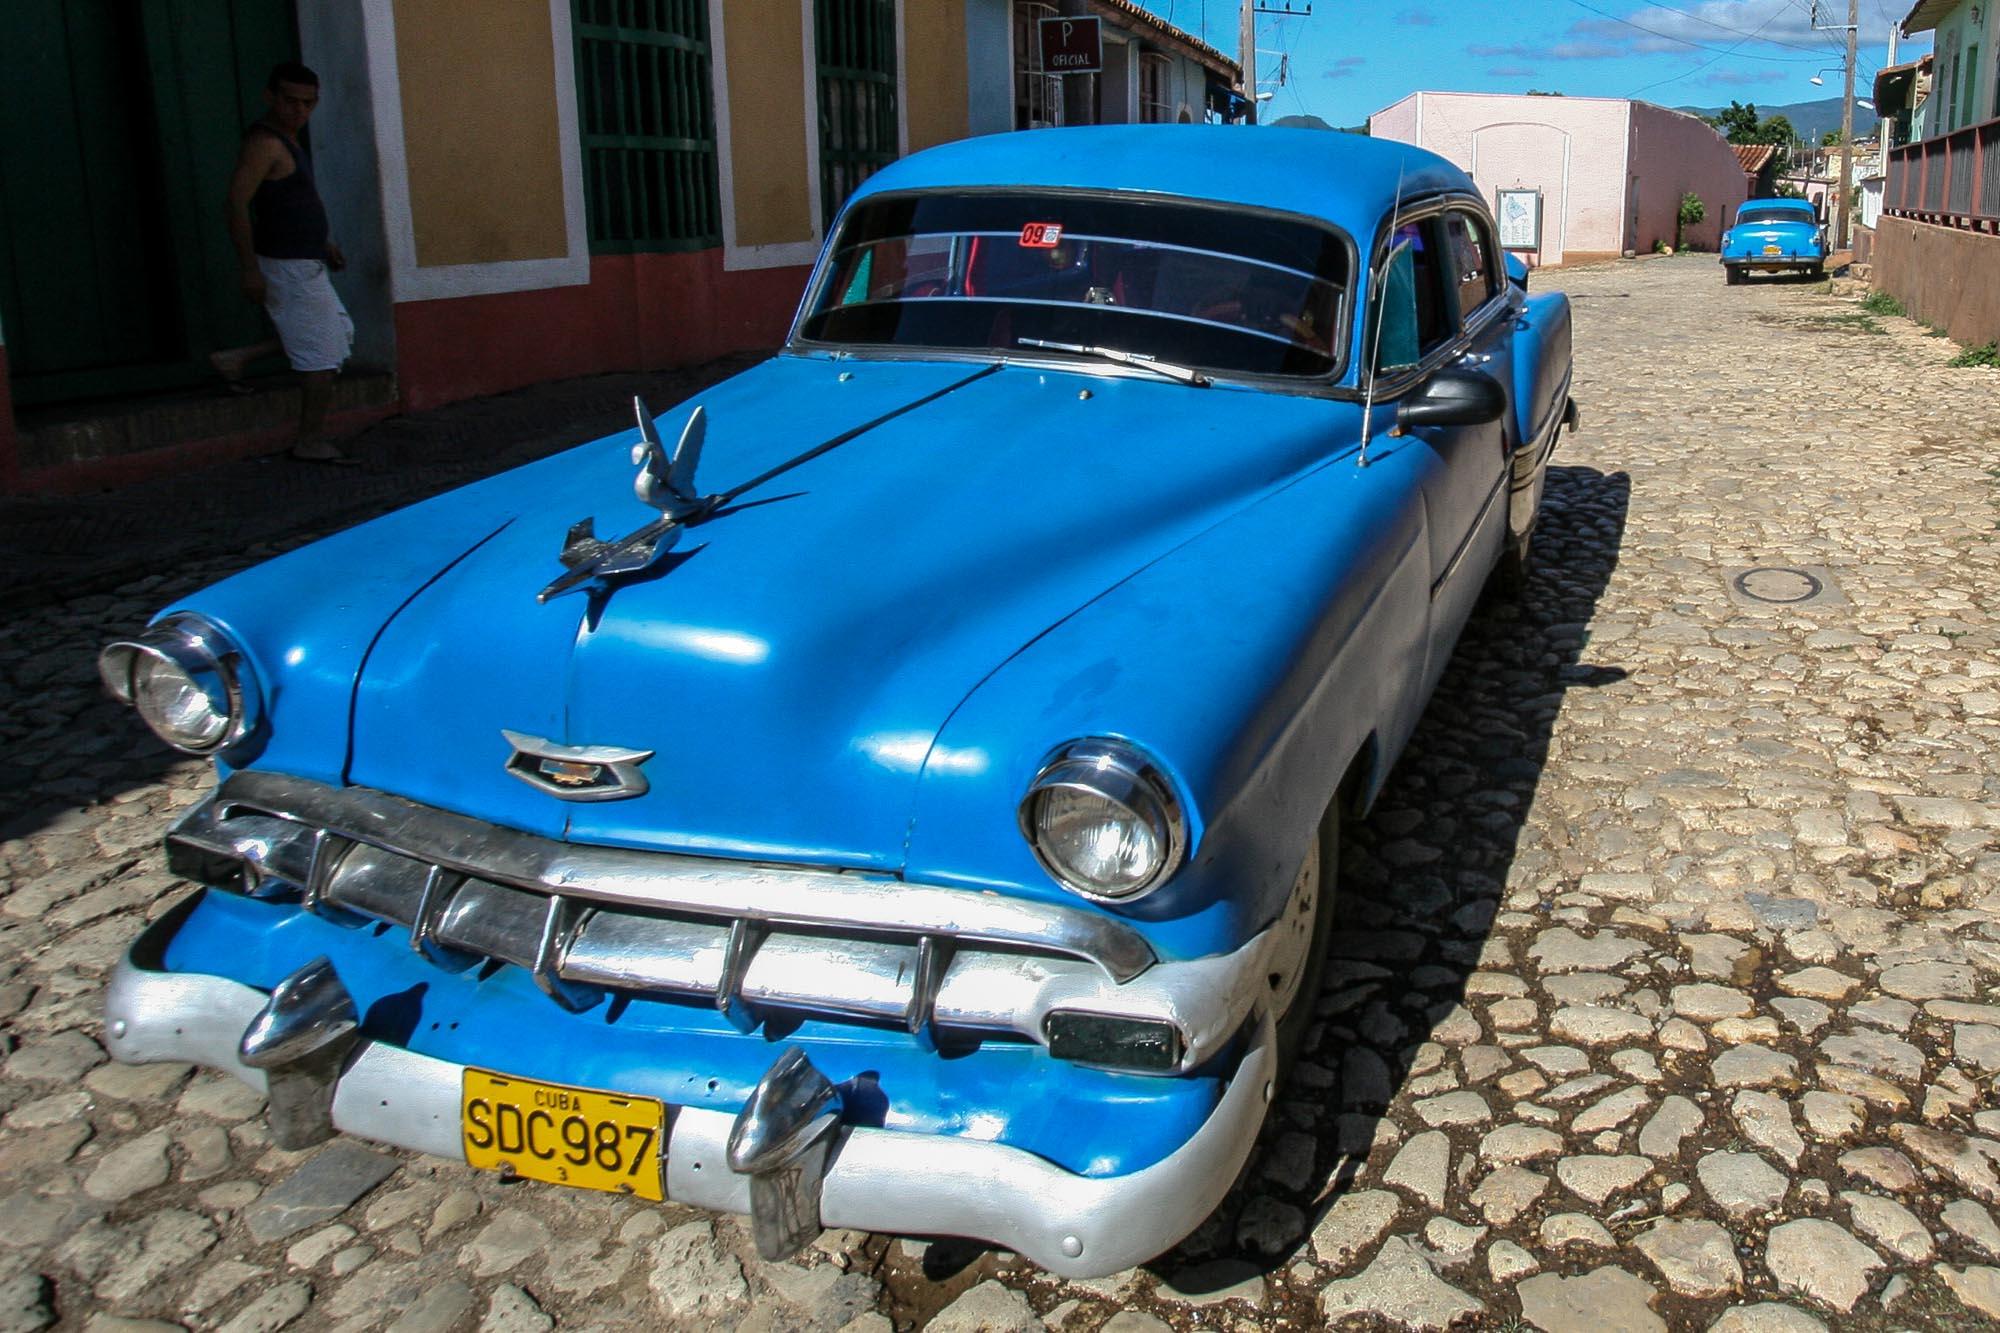 Ein alter Chevrolet in den Straßen von Trinidad.